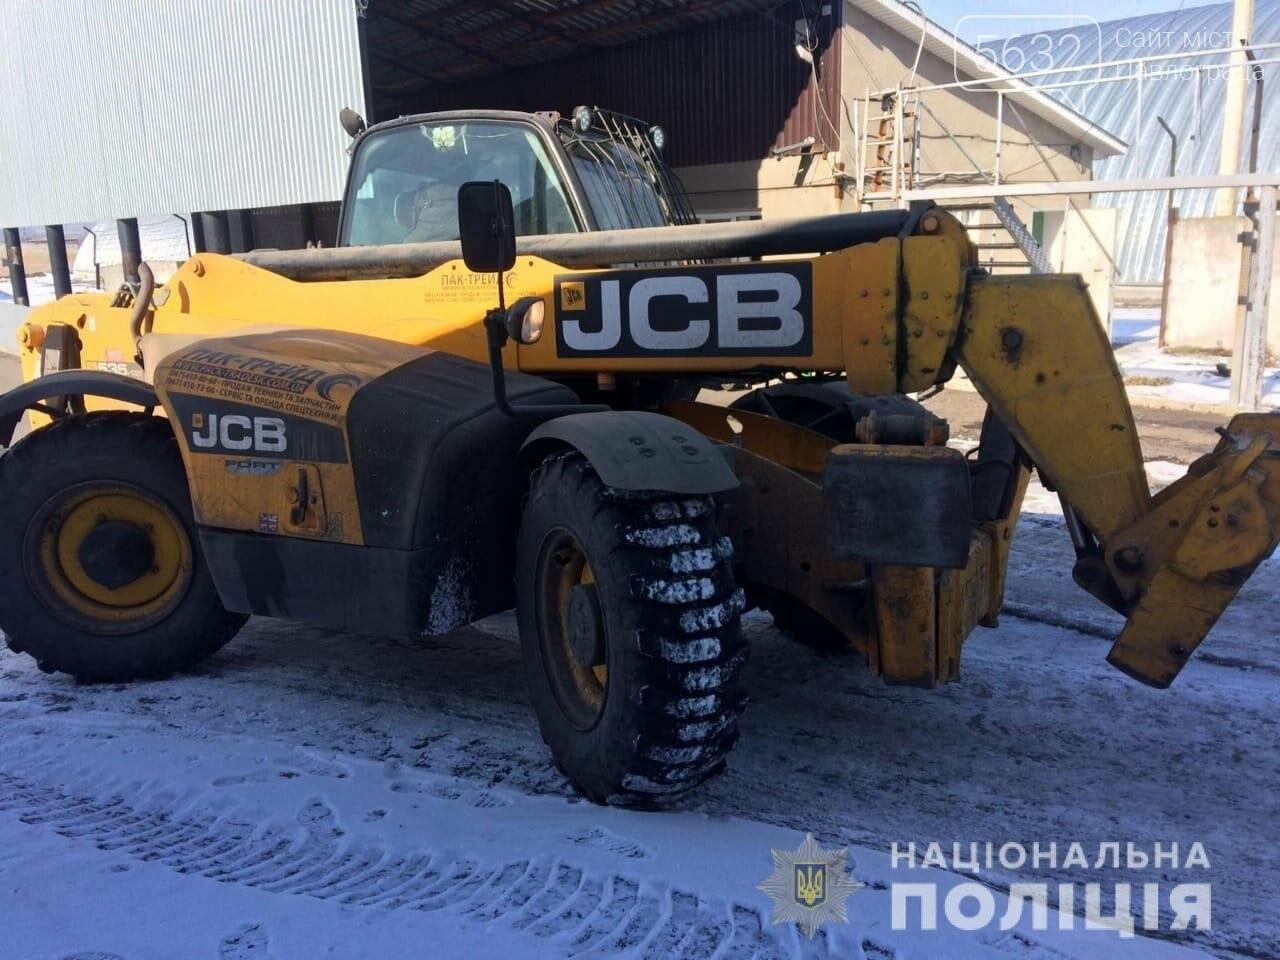 В Петропавловке местный житель украл 2 двигателя оросительной системы, фото-2